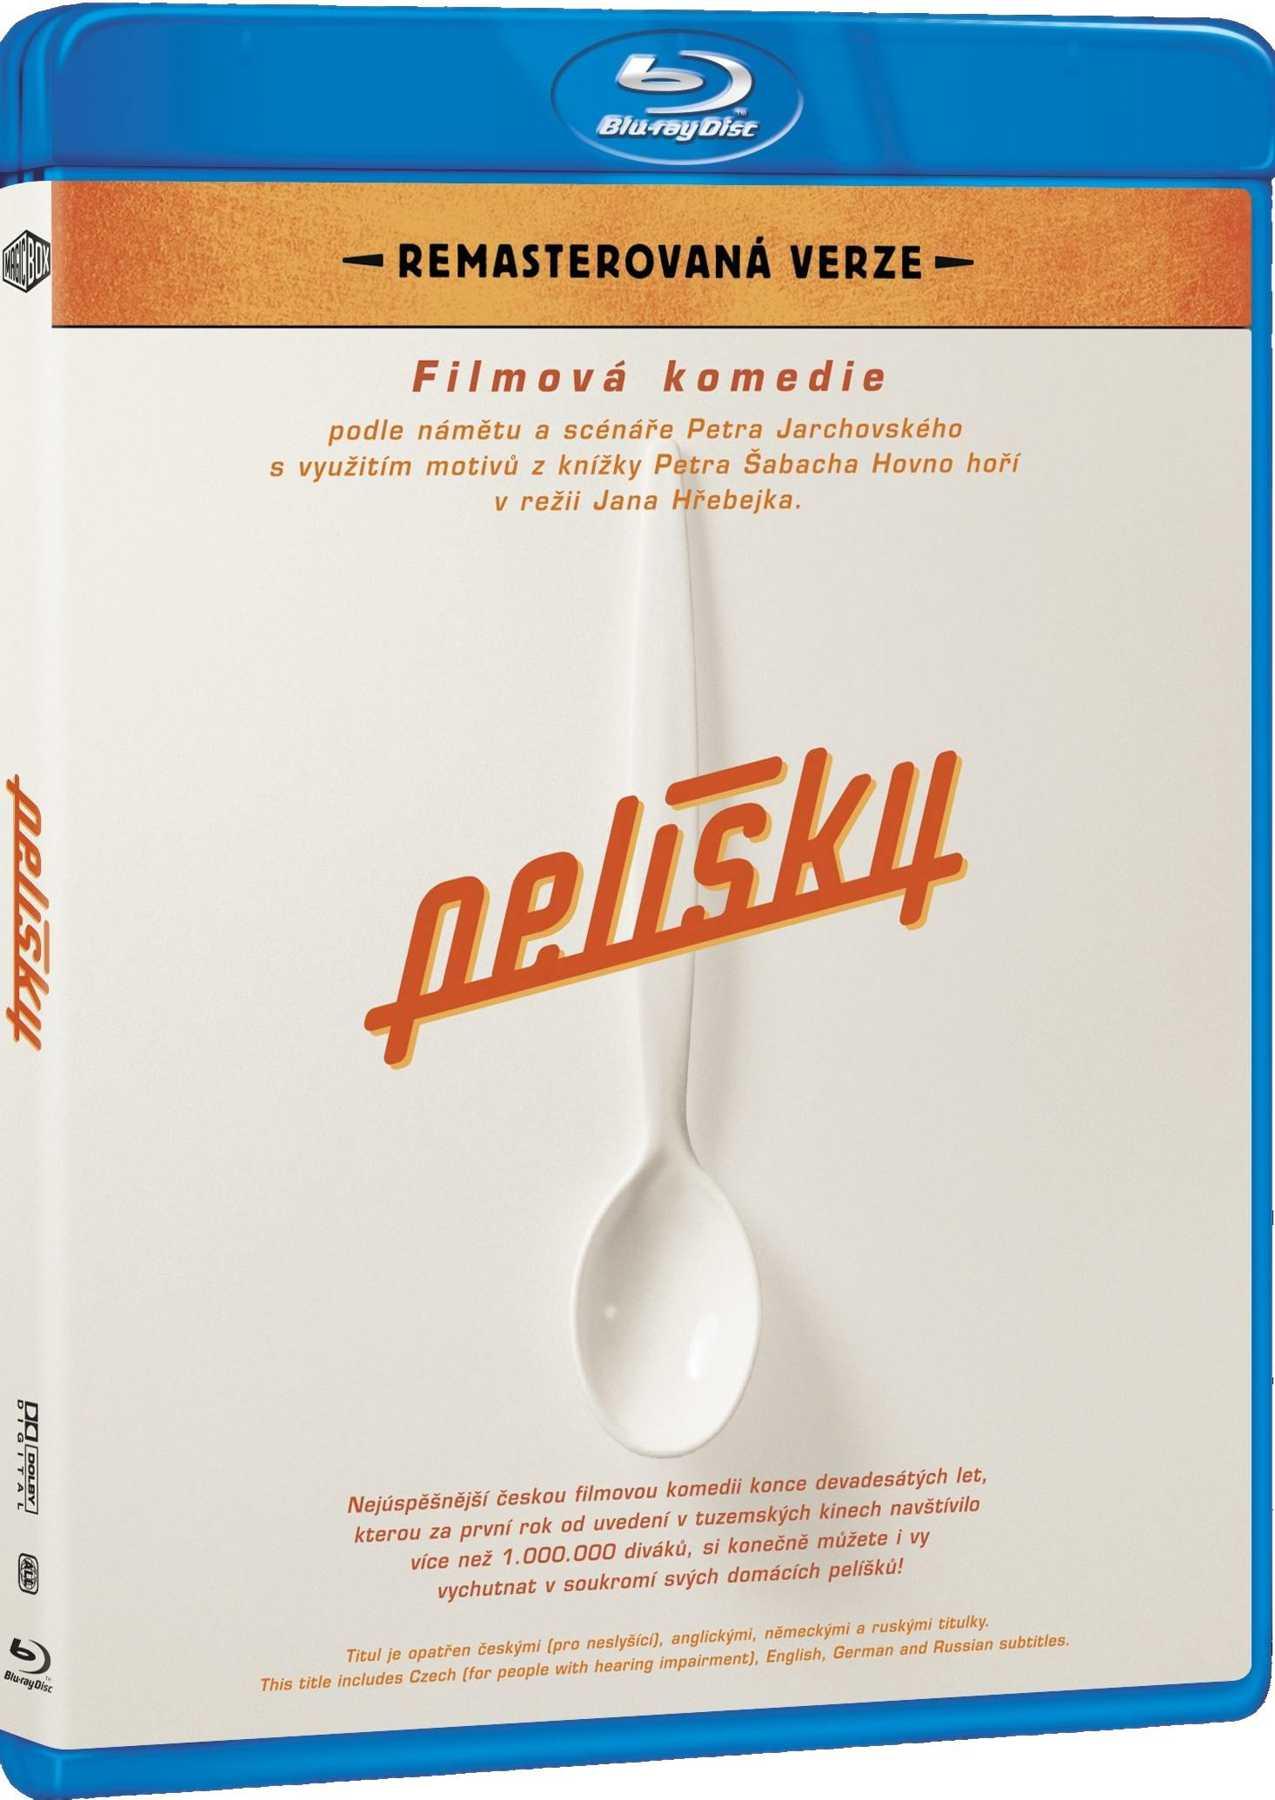 PELÍŠKY (Remasterovaná verze) - Blu-ray